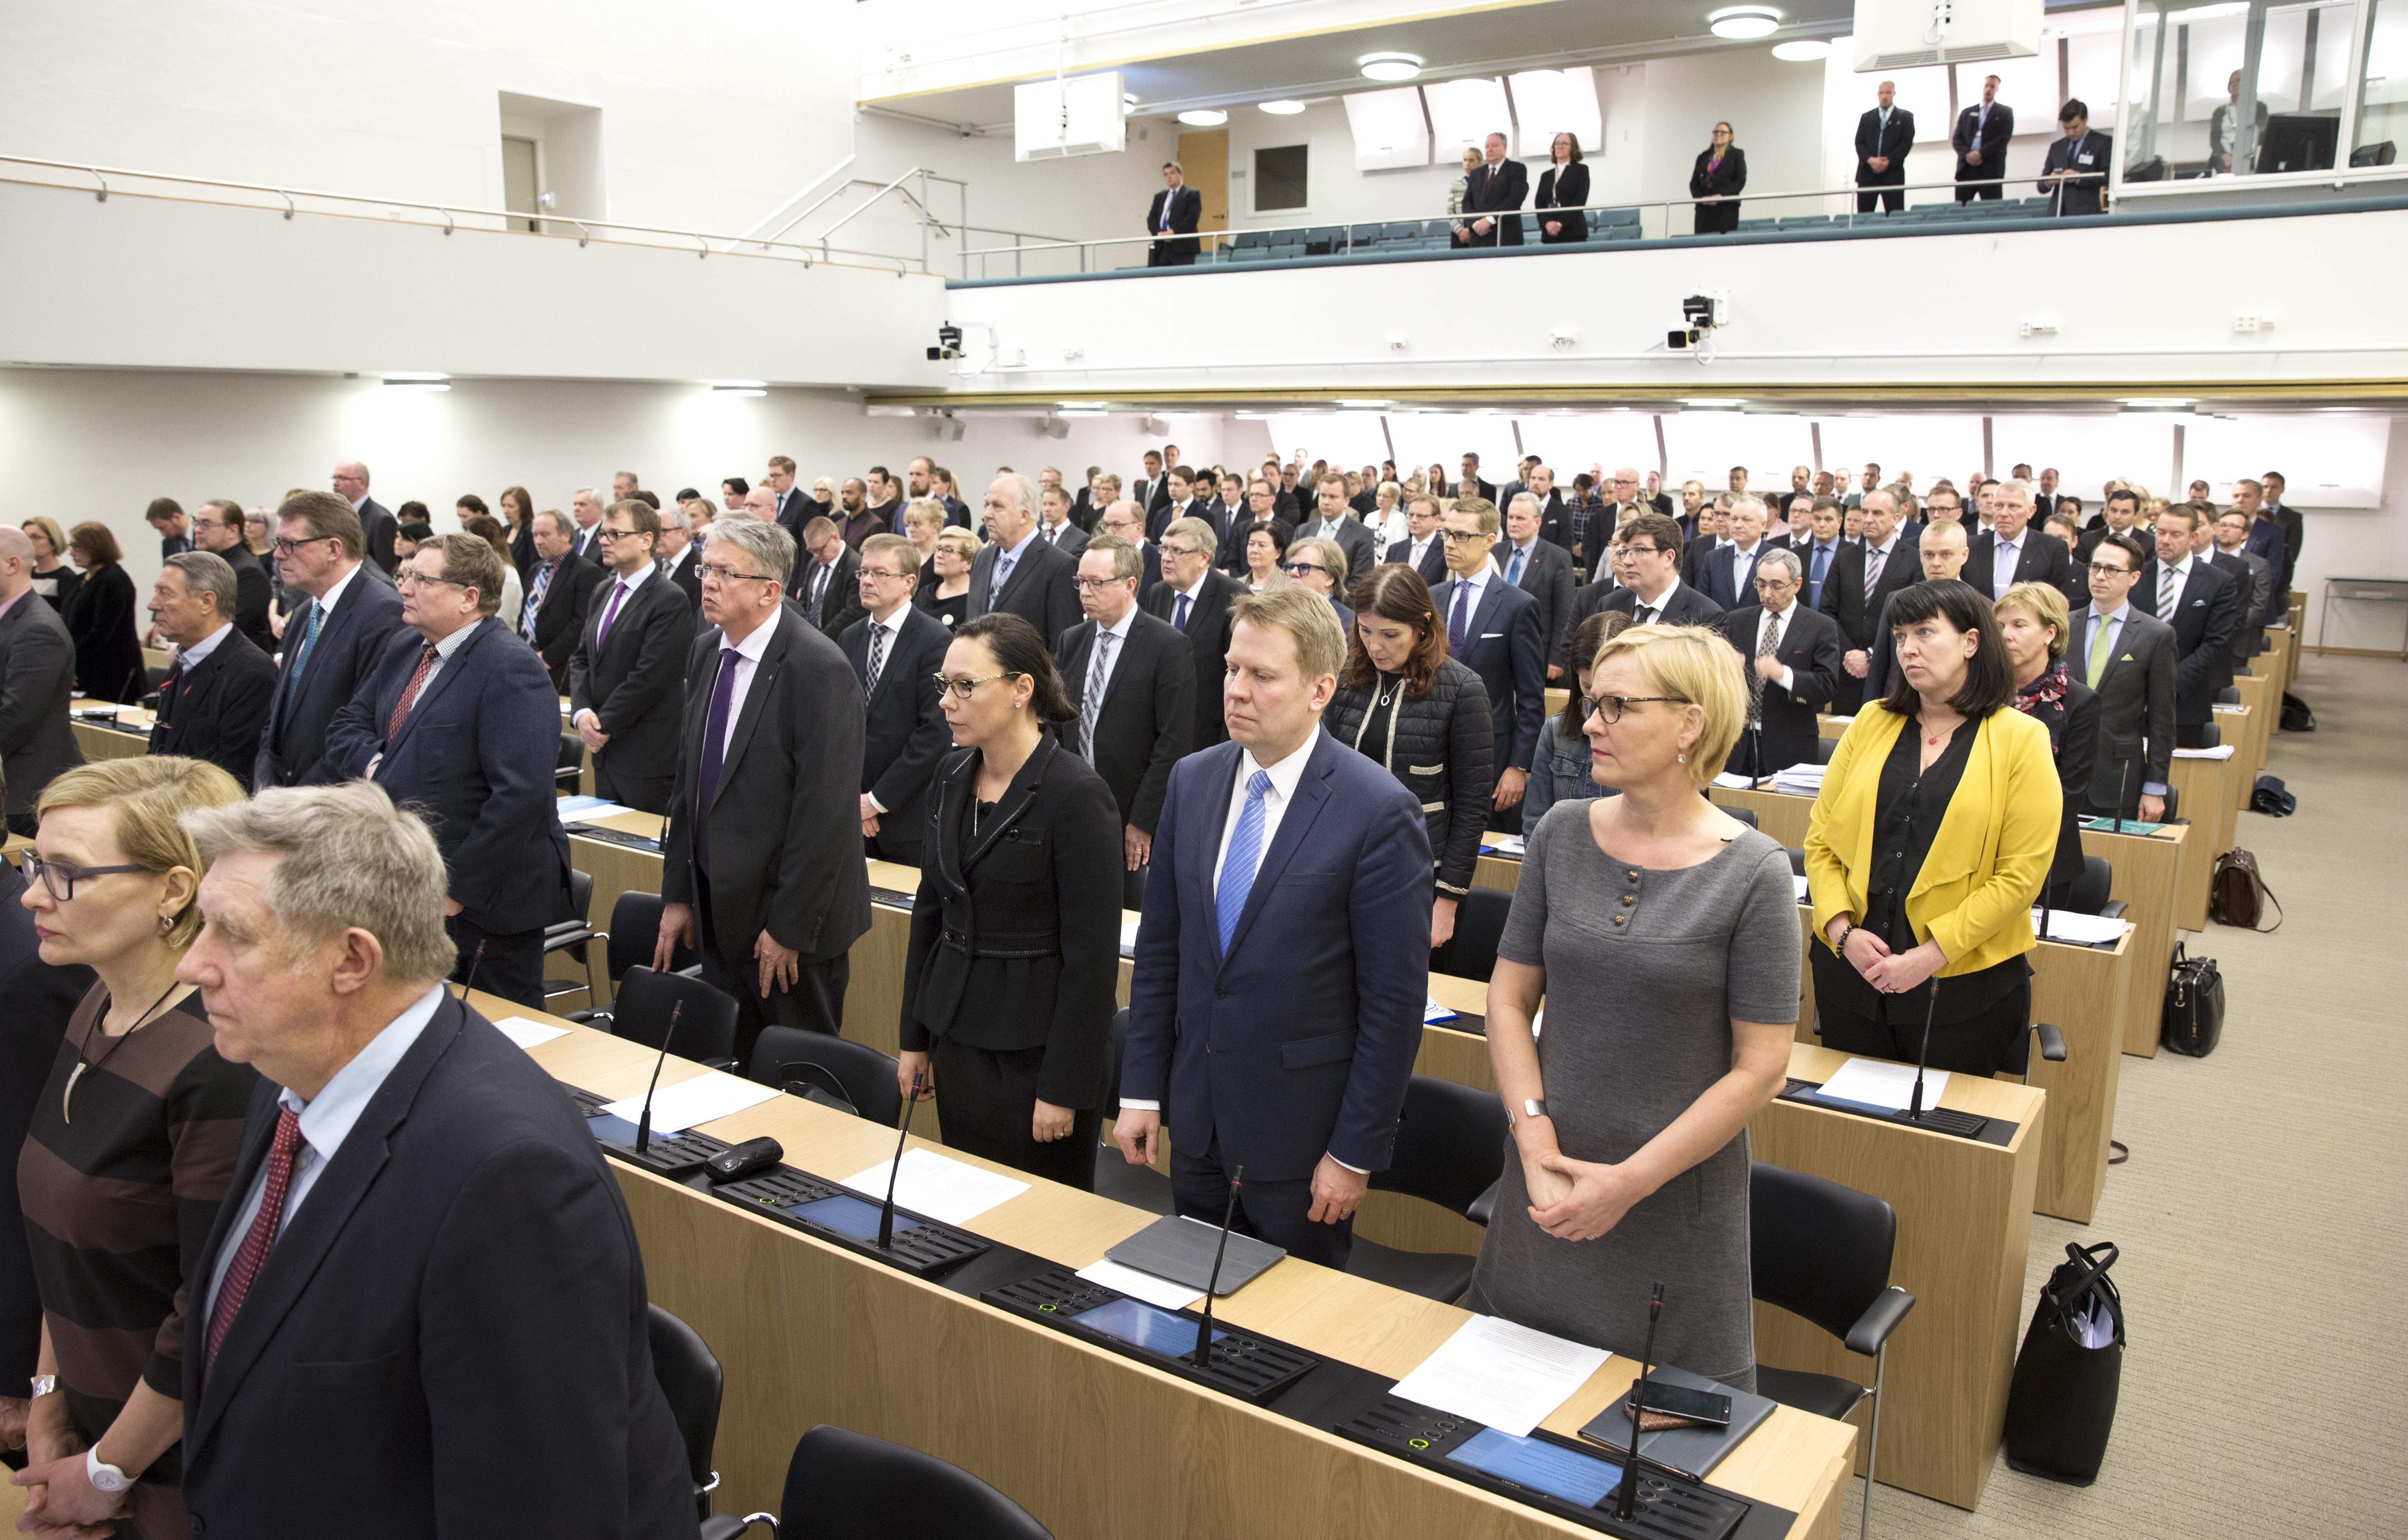 Kansanedustajat seisovat hiljaa Suomen eduskunnan täysistuntosalissa.